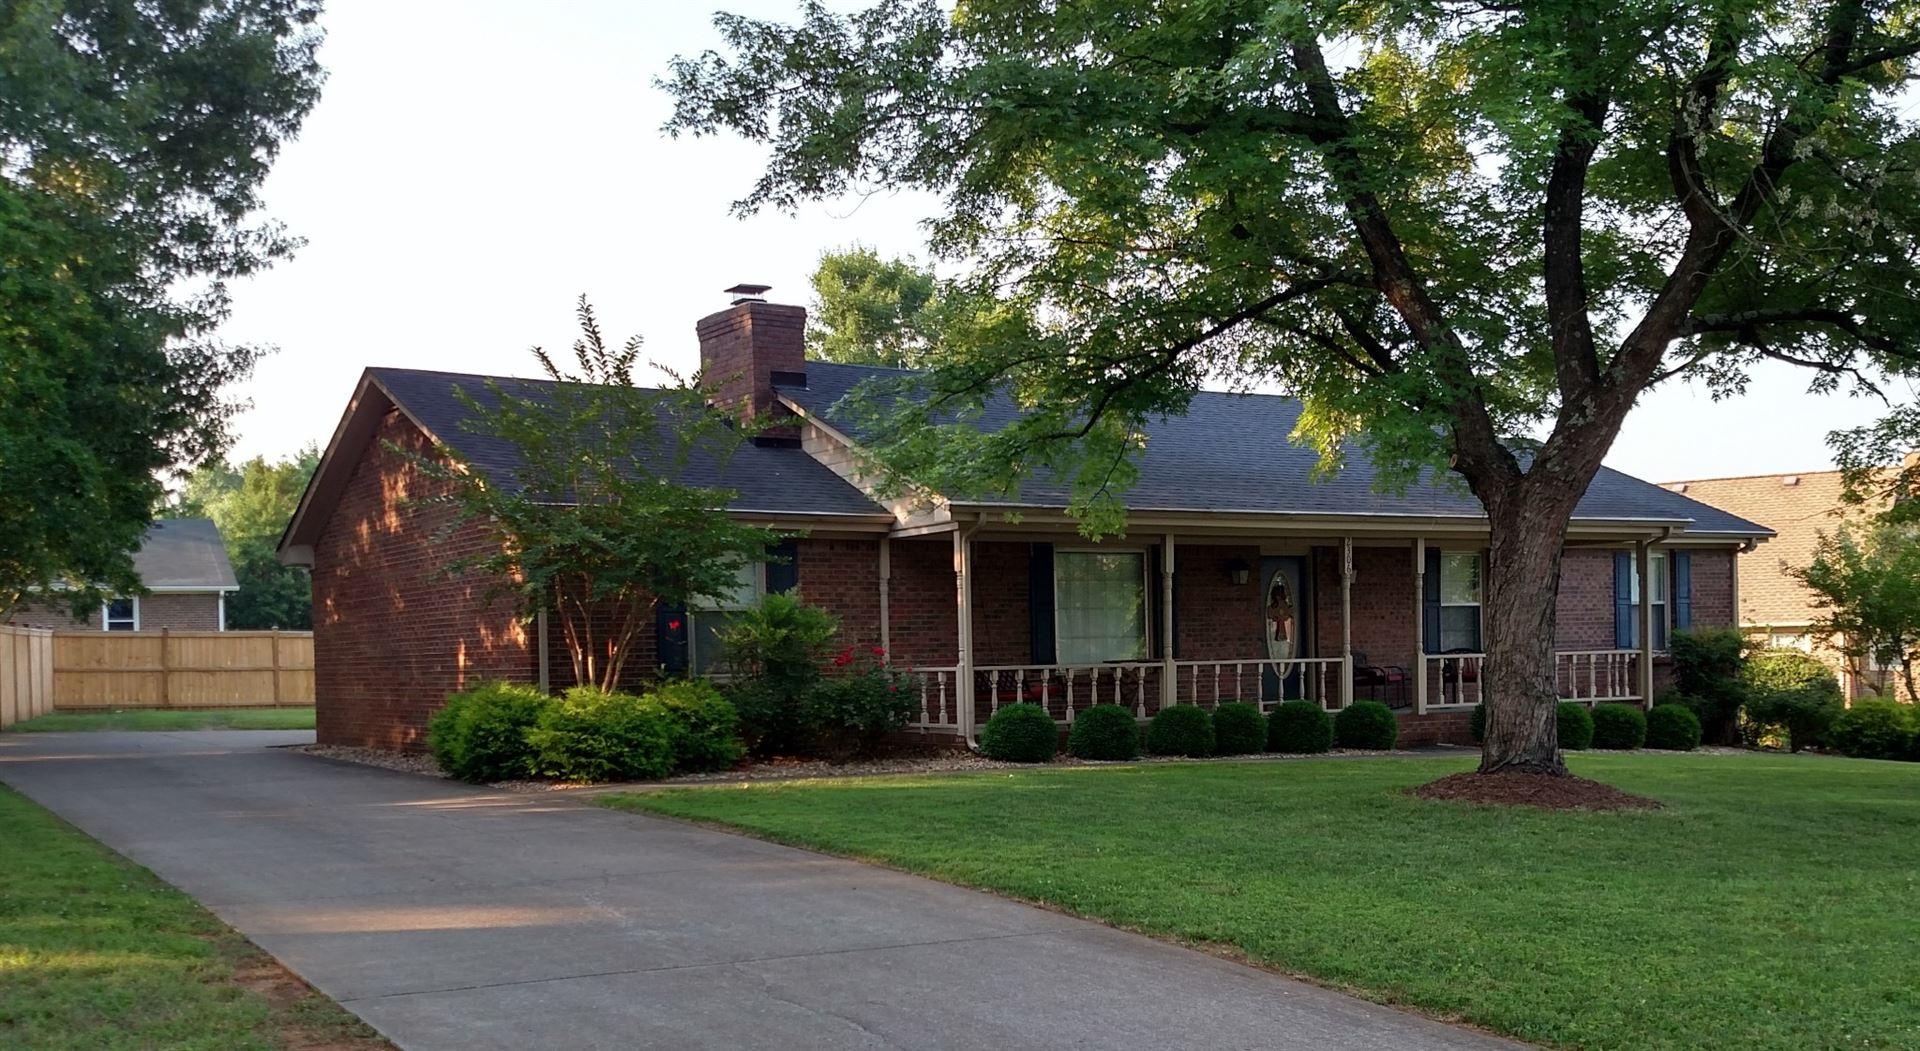 Photo of 2306 Avenal Ct, Murfreesboro, TN 37129 (MLS # 2243412)